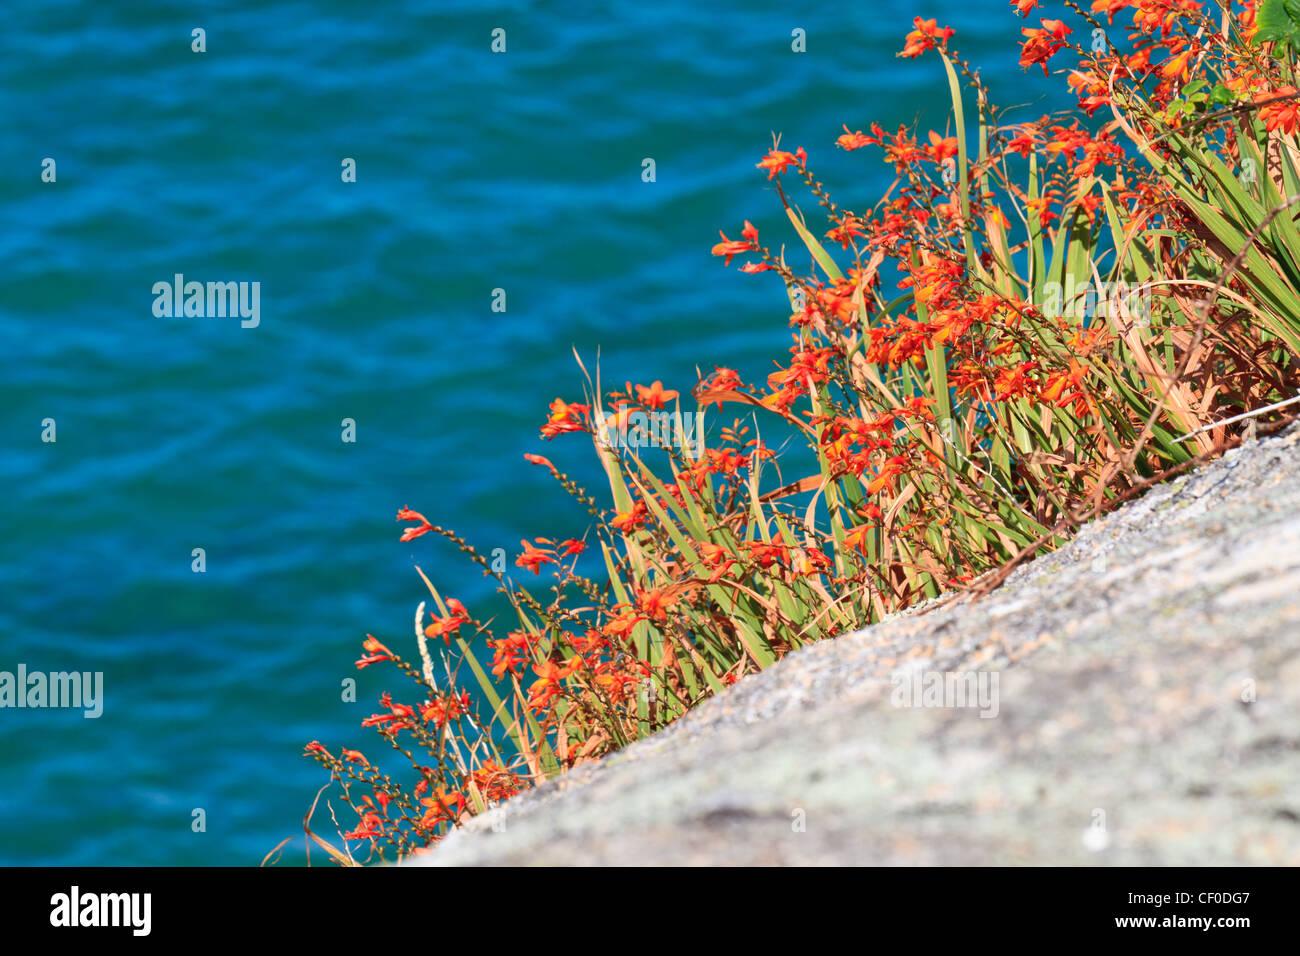 Colorful coastal vegetation - Stock Image